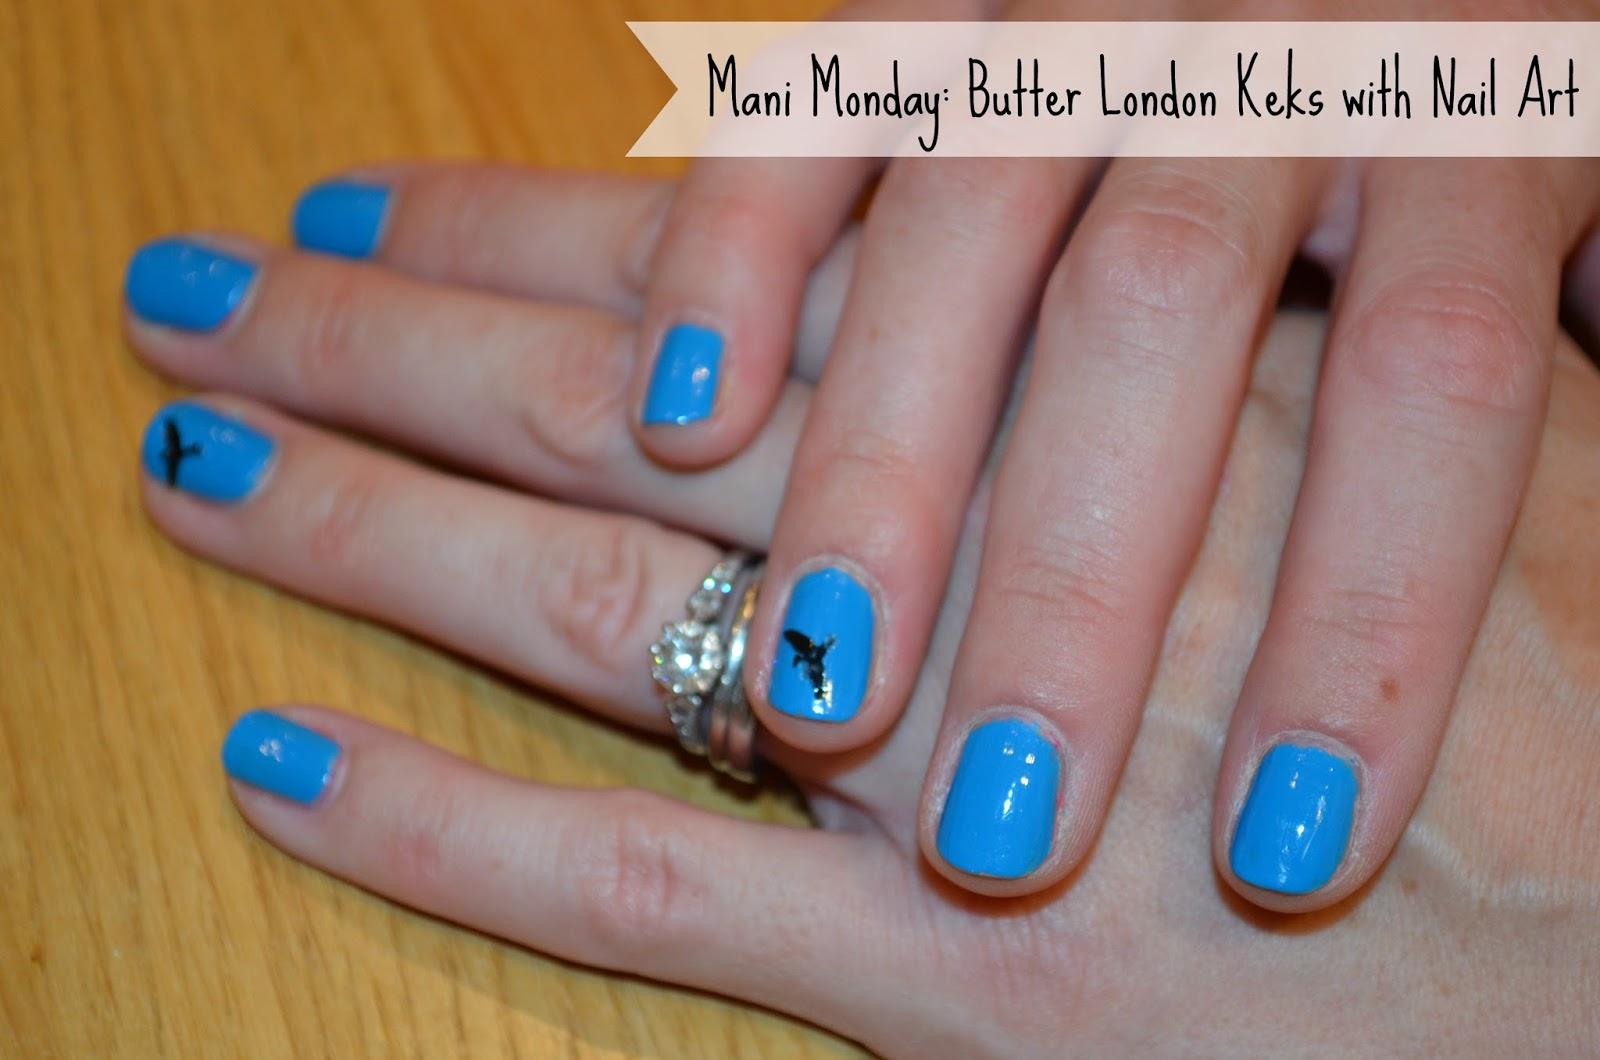 Mani Monday Butter London Keks And Nail Art Birds Blog Me Beautiful